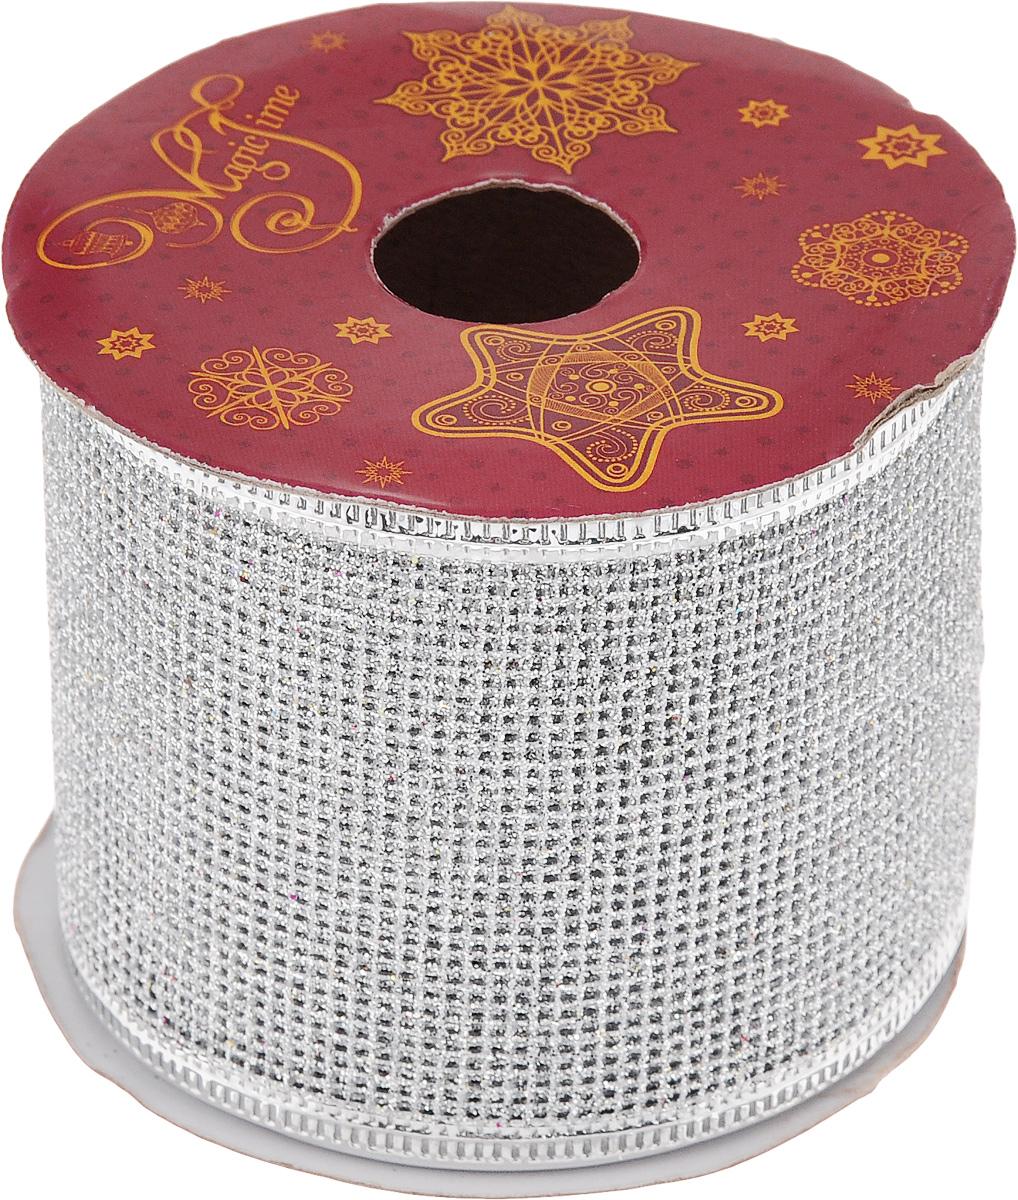 Лента новогодняя Magic Time Сетка, цвет: серебристый, 6,3 см х 2,7 м42812Декоративная лента Magic Time Сетка выполнена из полиэстера. В края ленты вставлена проволока, благодаря чему ее легко фиксировать. Она предназначена для оформления подарочных коробок, пакетов. Кроме того, декоративная лента с успехом применяется для художественного оформления витрин, праздничного оформления помещений, изготовления искусственных цветов. Декоративная лента украсит интерьер вашего дома к праздникам.Ширина ленты: 6,3 см.